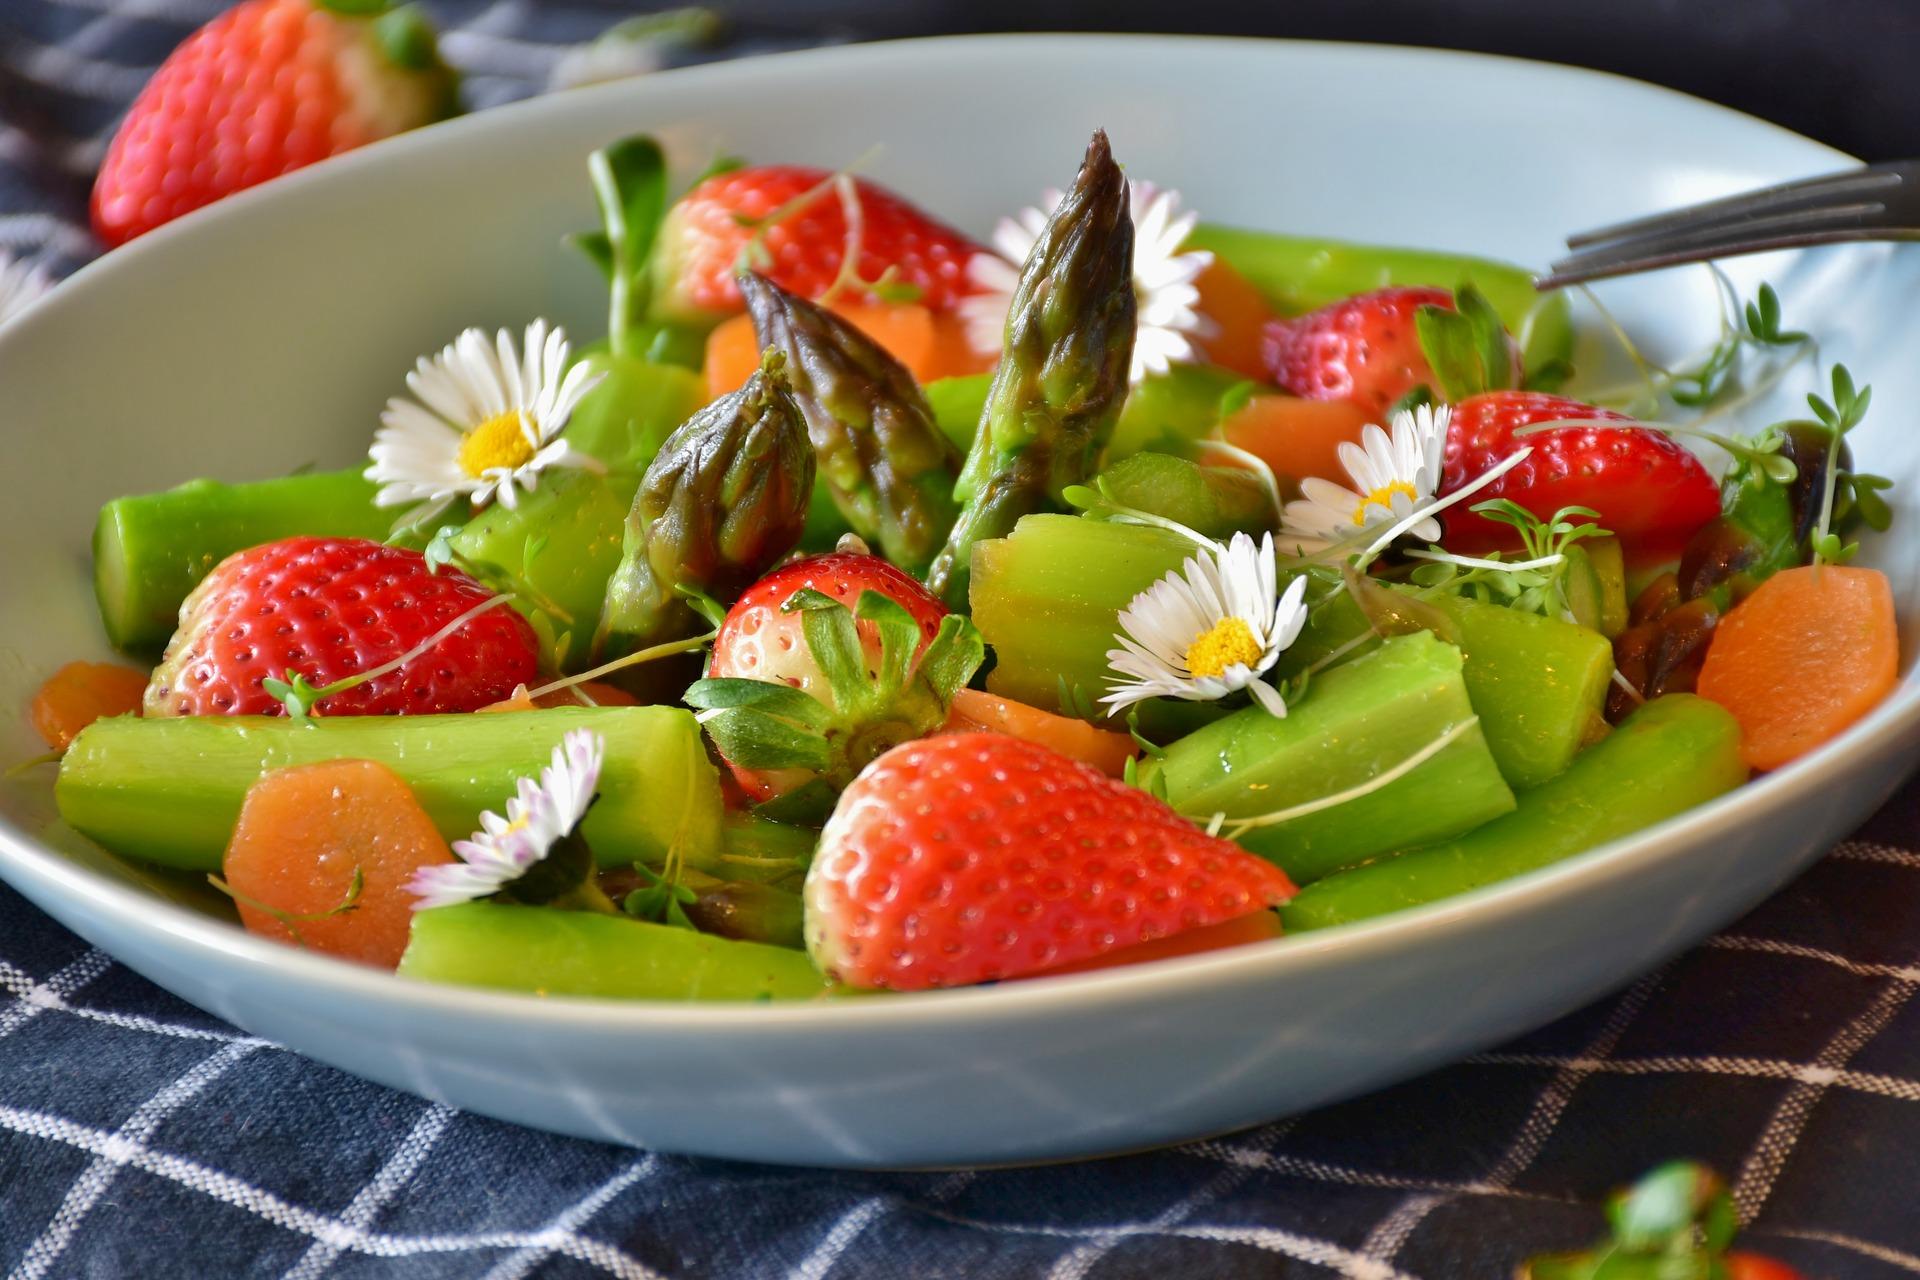 eesti-veini-ja-toidu-sobitamine-mamm&frukt-pärnu-veinimaja-rosé-vein-sparglisalat-maasika-vinegrettkastmes